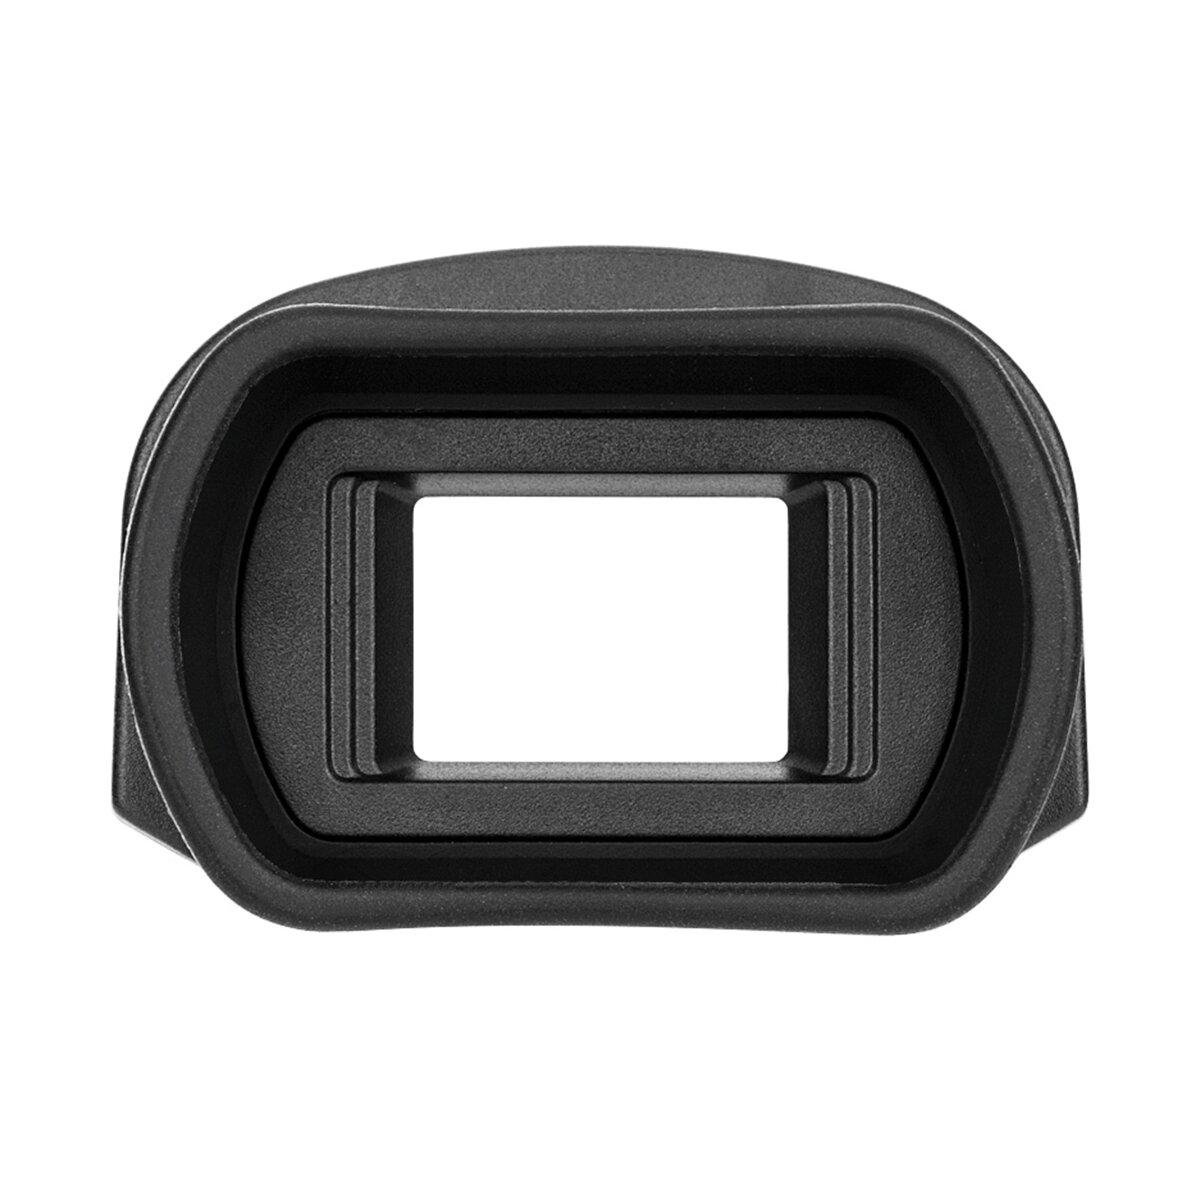 Kiwi Kamera-Augenmuschel KE-EG | Geeignet für Canon Kameras | Aus weichem Silikon, Sehr komfortabel | Ersatz für Canon Eg